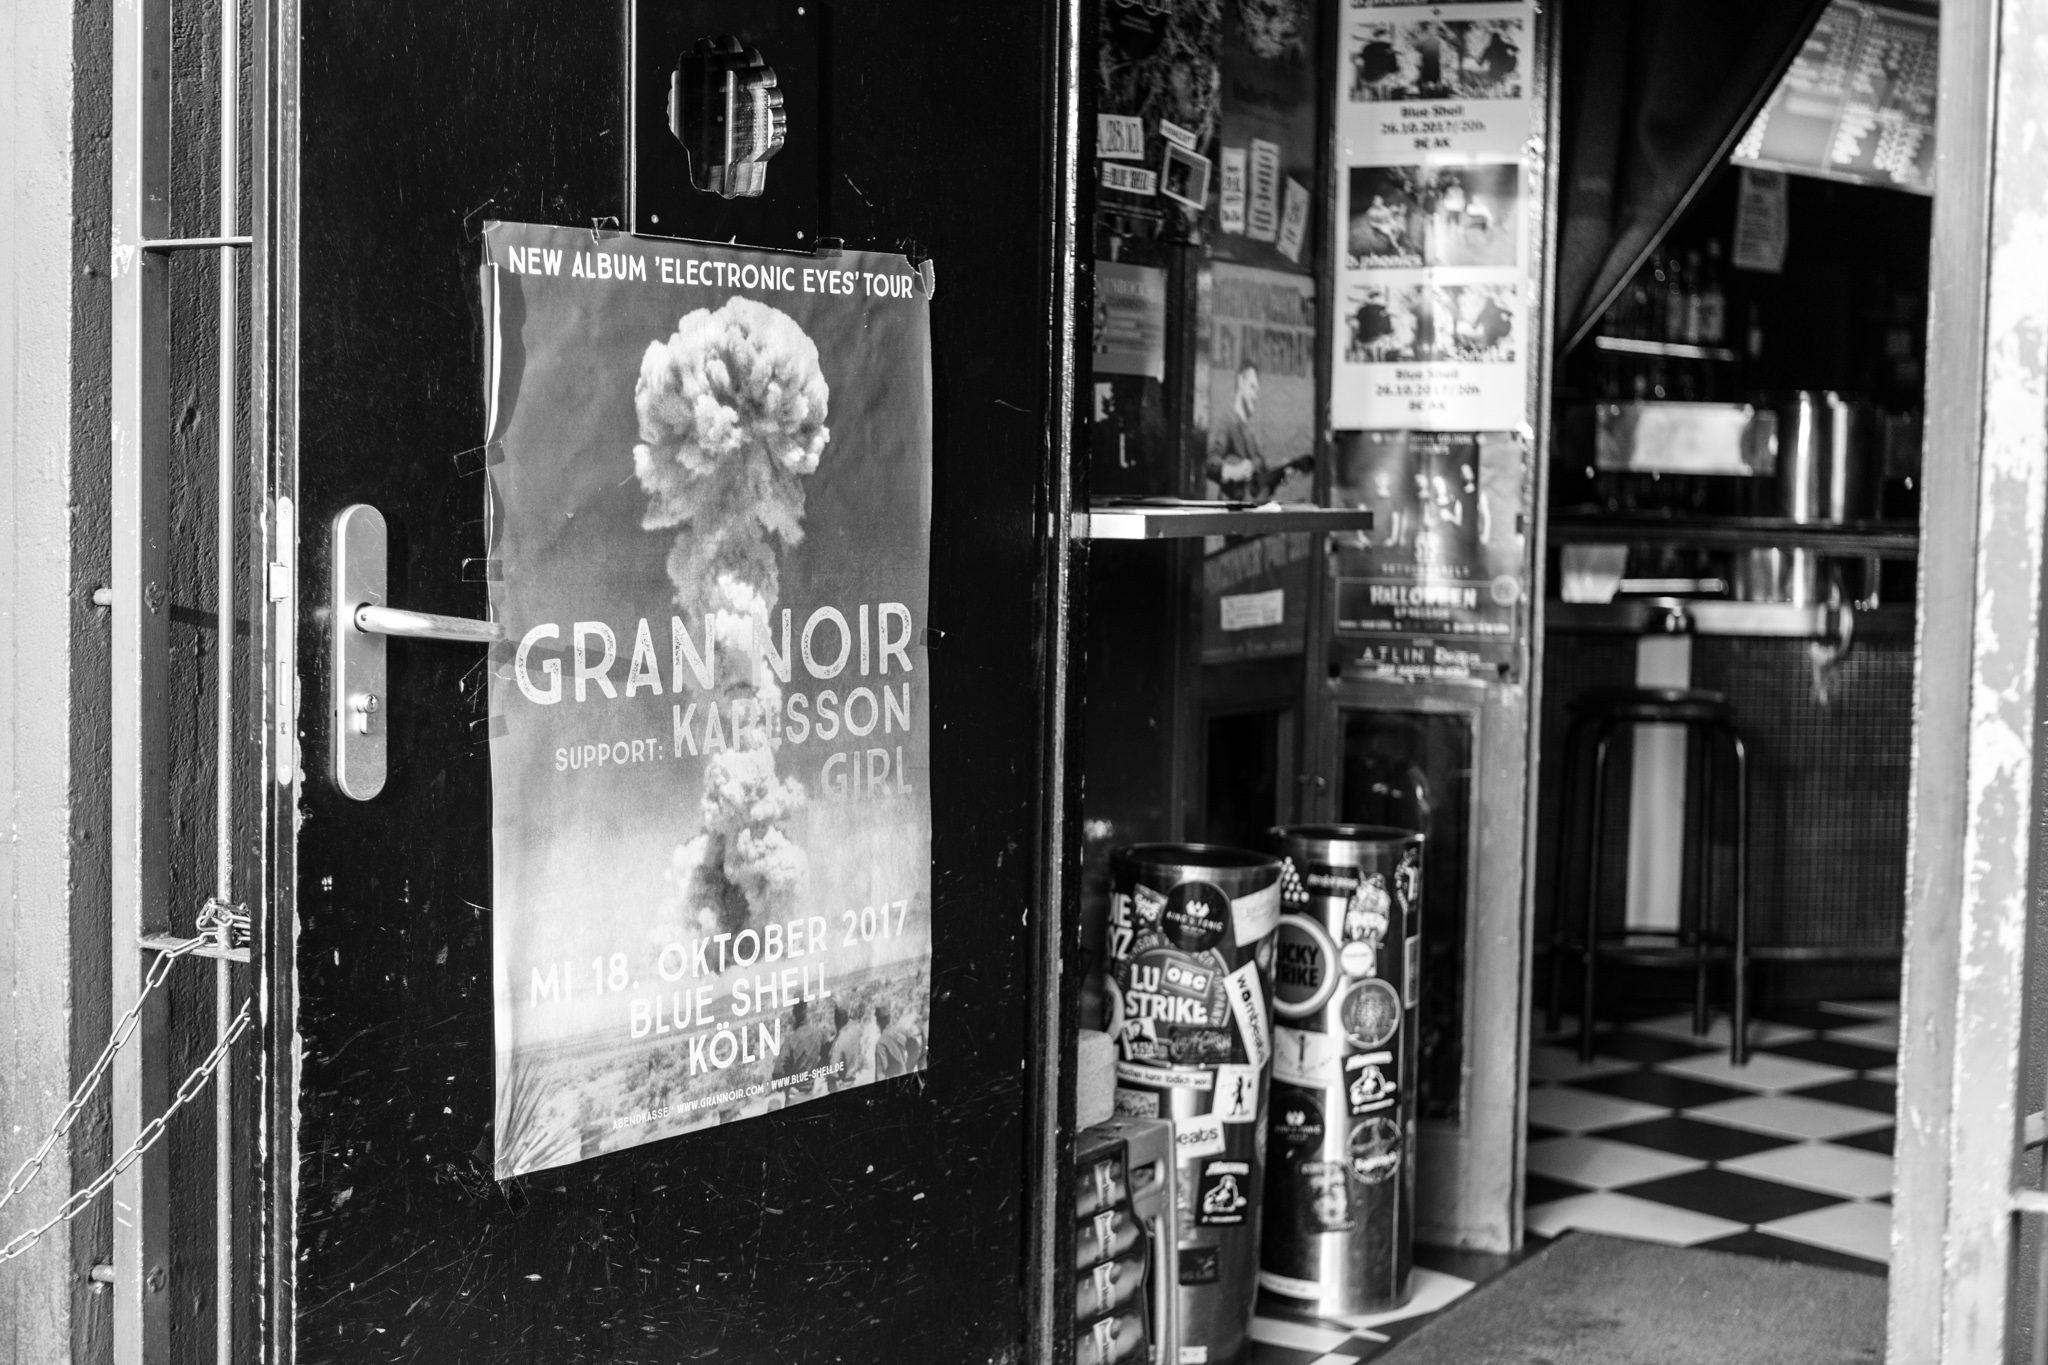 Gran Tour mit Gran Noir